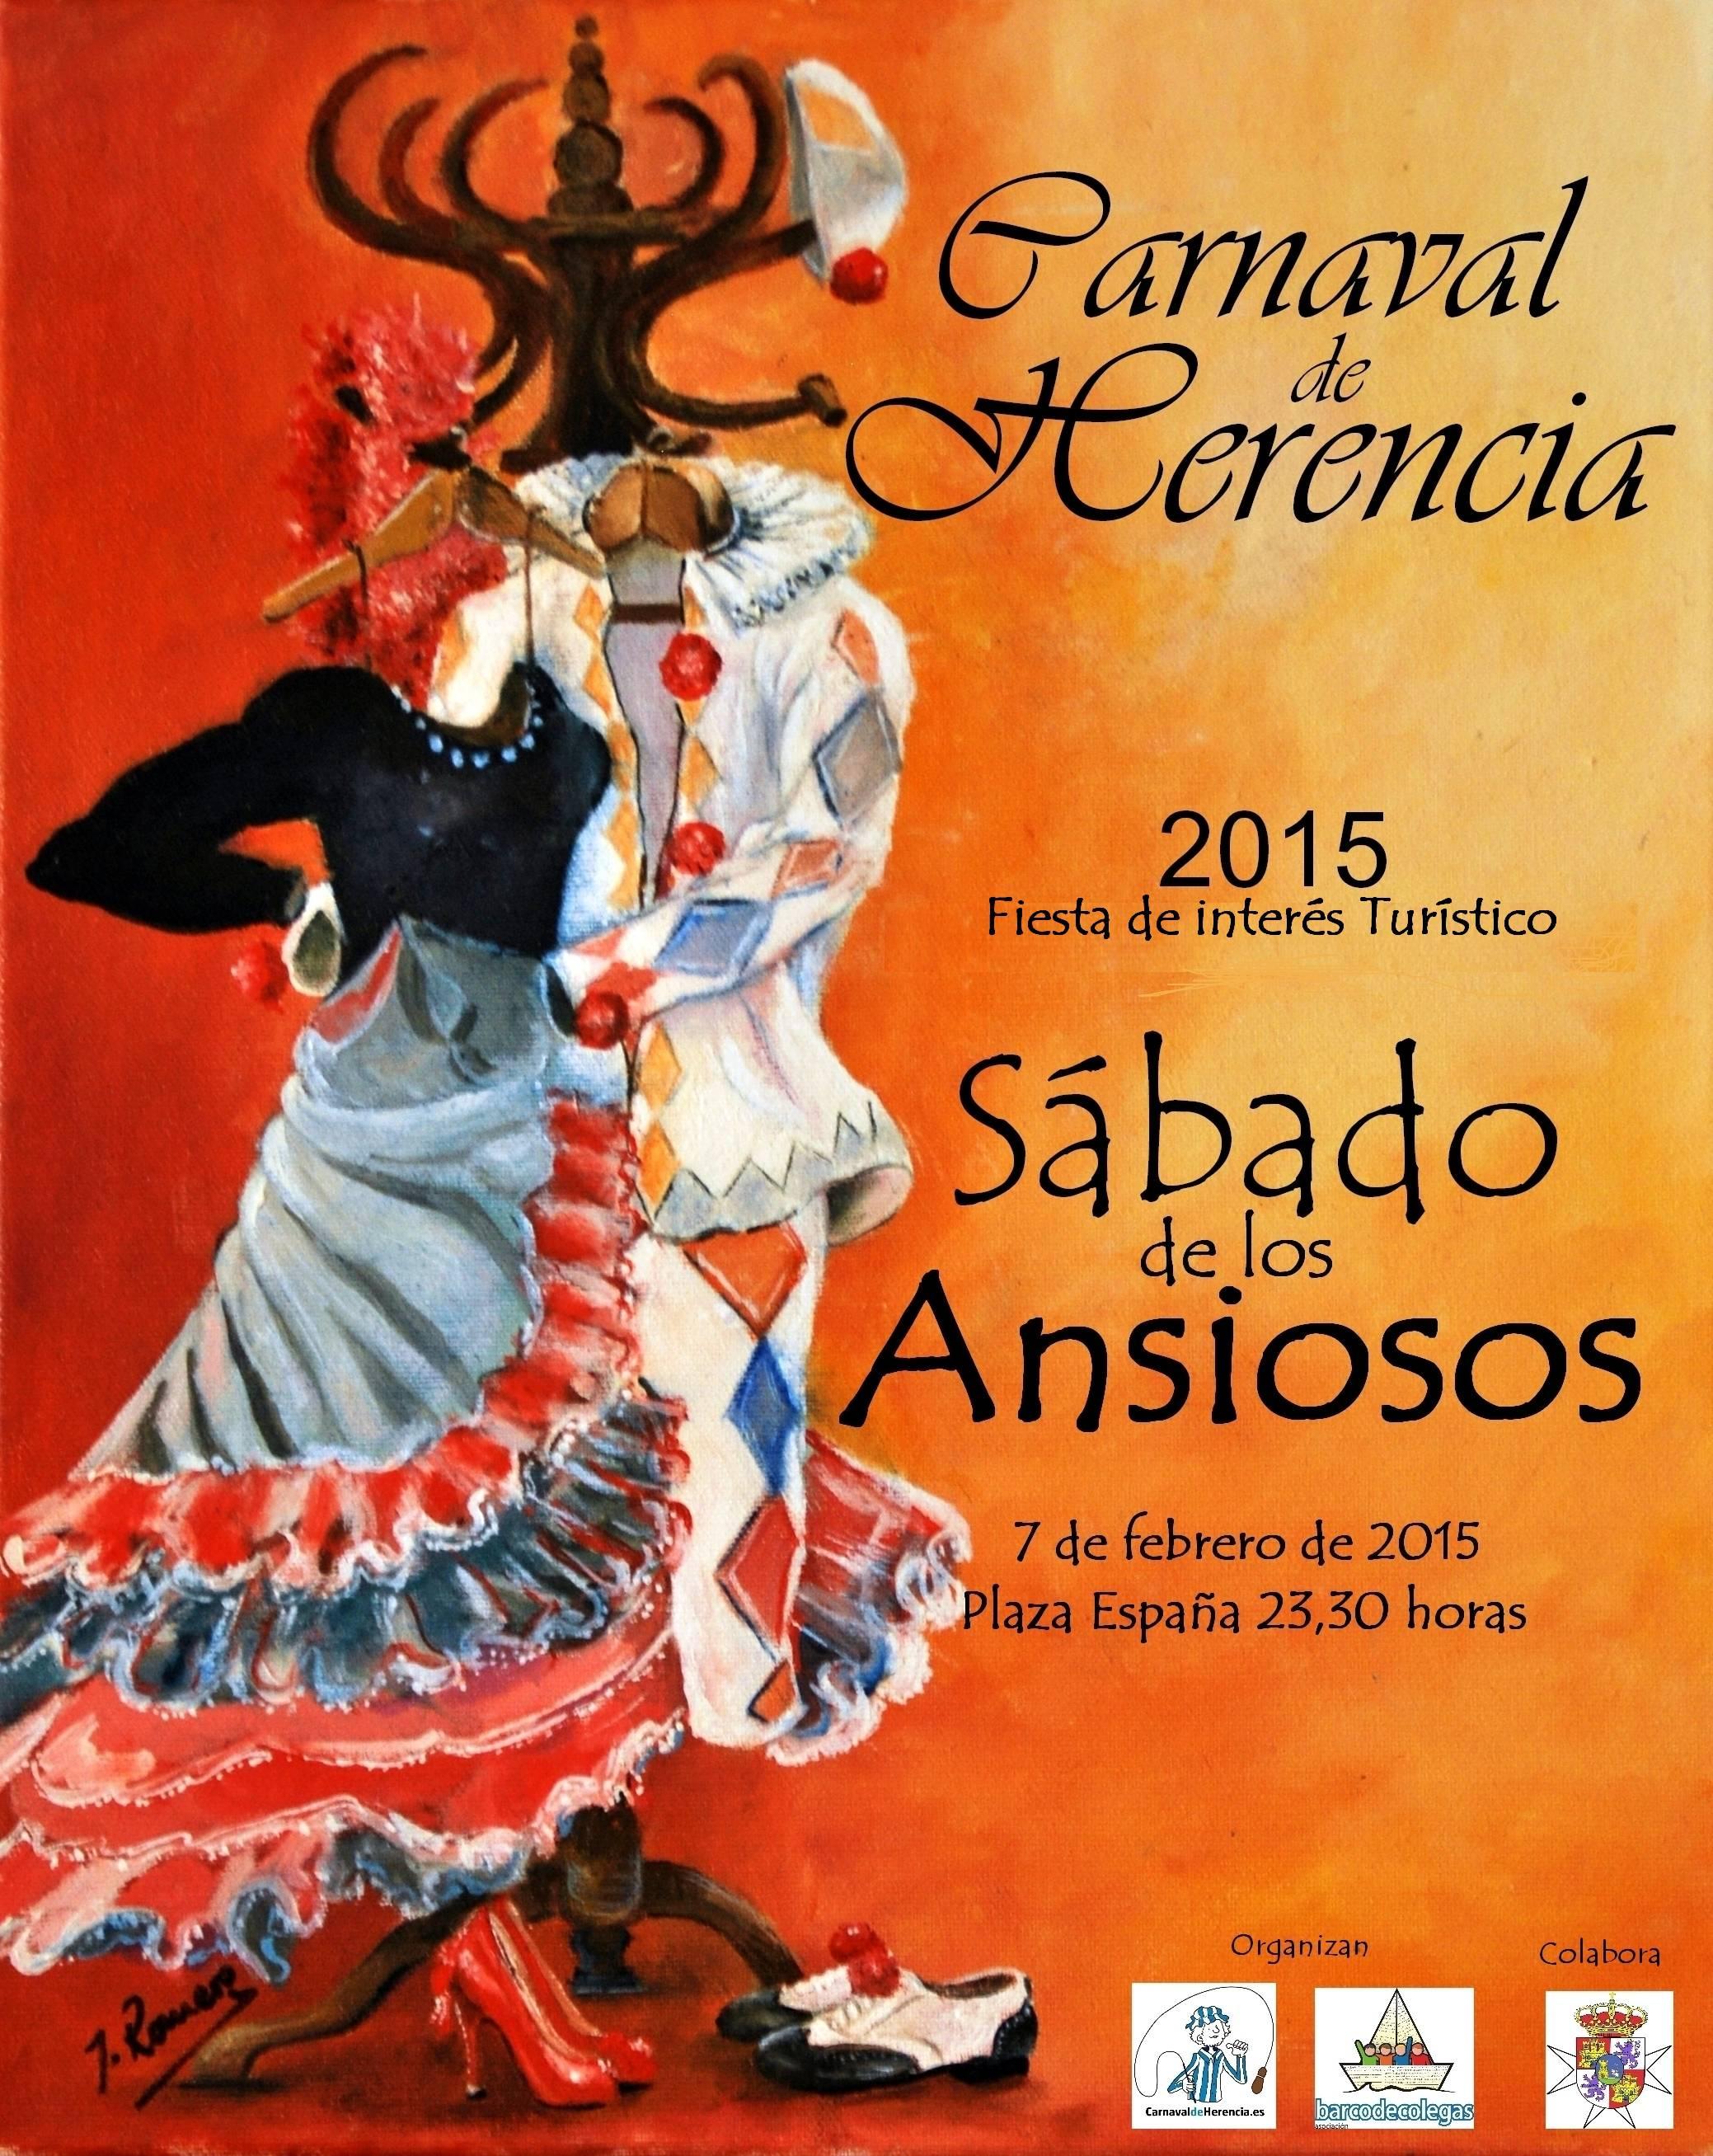 Cartel carnaval herencia Sabado de los Ansiosos 2015 - Presentado el programa de actos del Carnaval que comienza esta semana